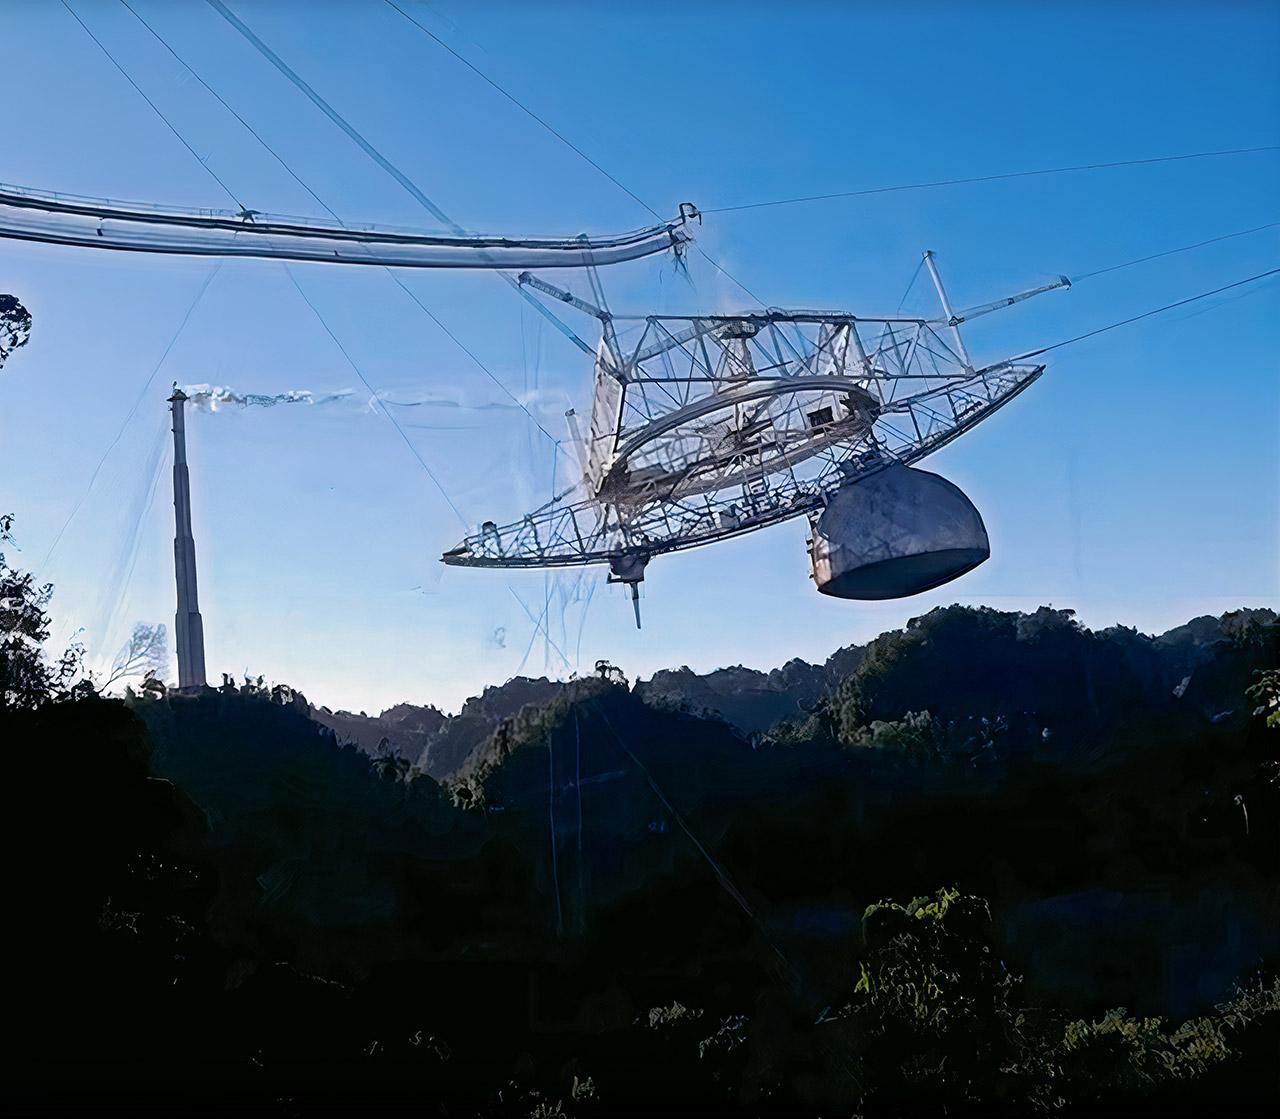 Drone Arecibo Observatory Radio Telescope Collapse